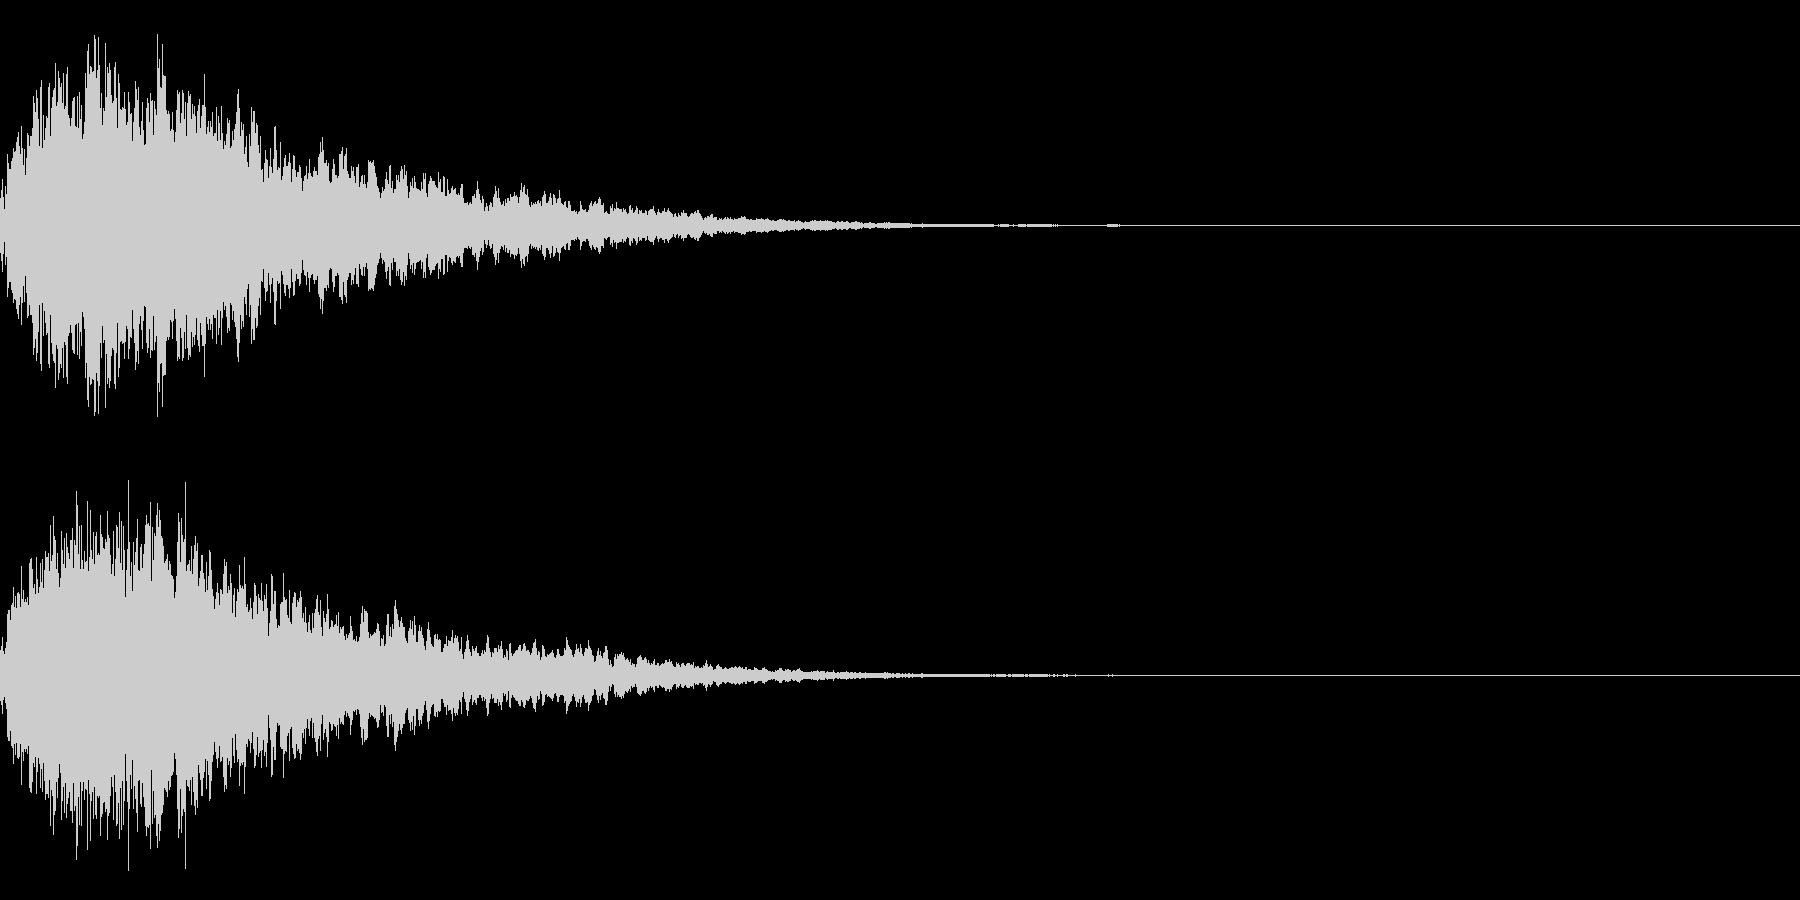 キラキラ輝く テロップ音 ボタン音!02の未再生の波形